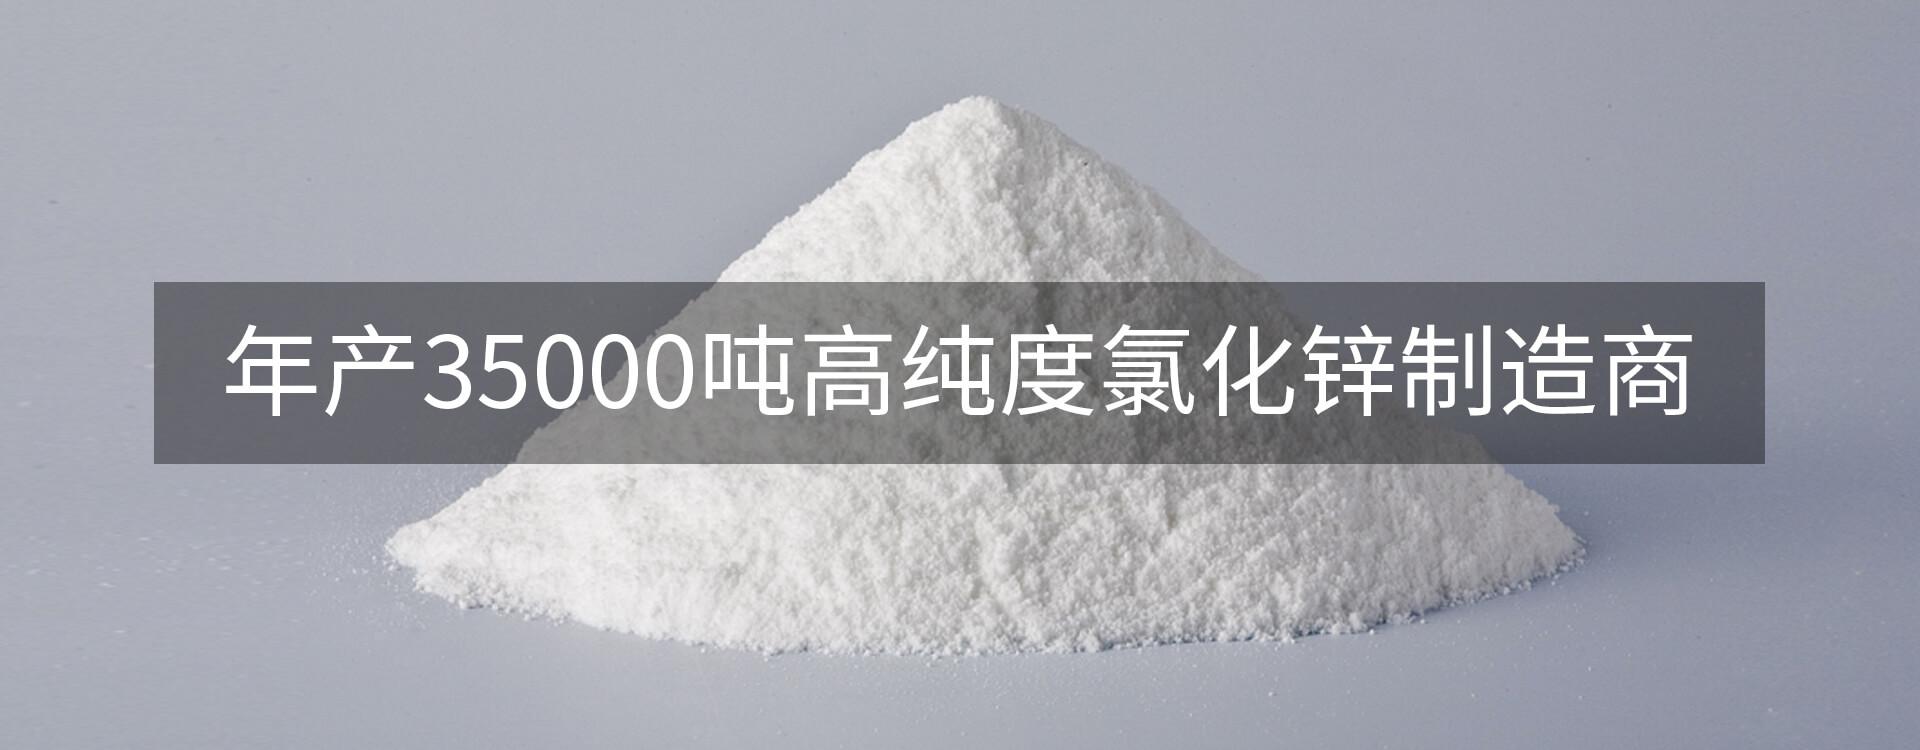 年产35000吨高纯度氯化锌制造商